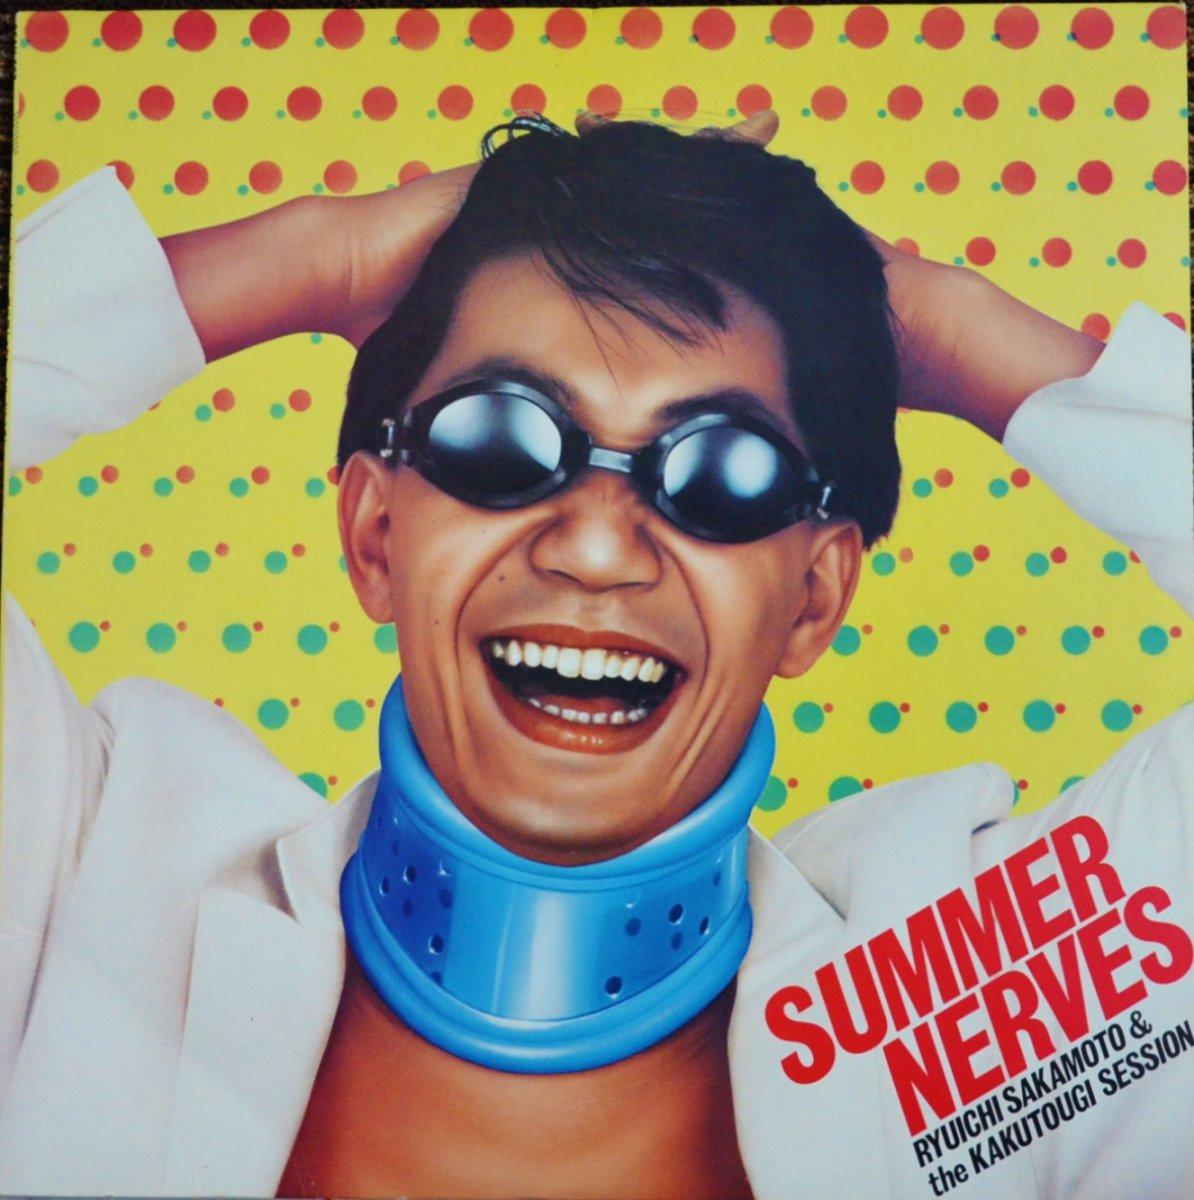 坂本龍一 & カクトウギ・セッション RYUICHI SAKAMOTO & THE KAKUTOUGI SESSION / サマー・ナーヴス SUMMER NERVES (LP)